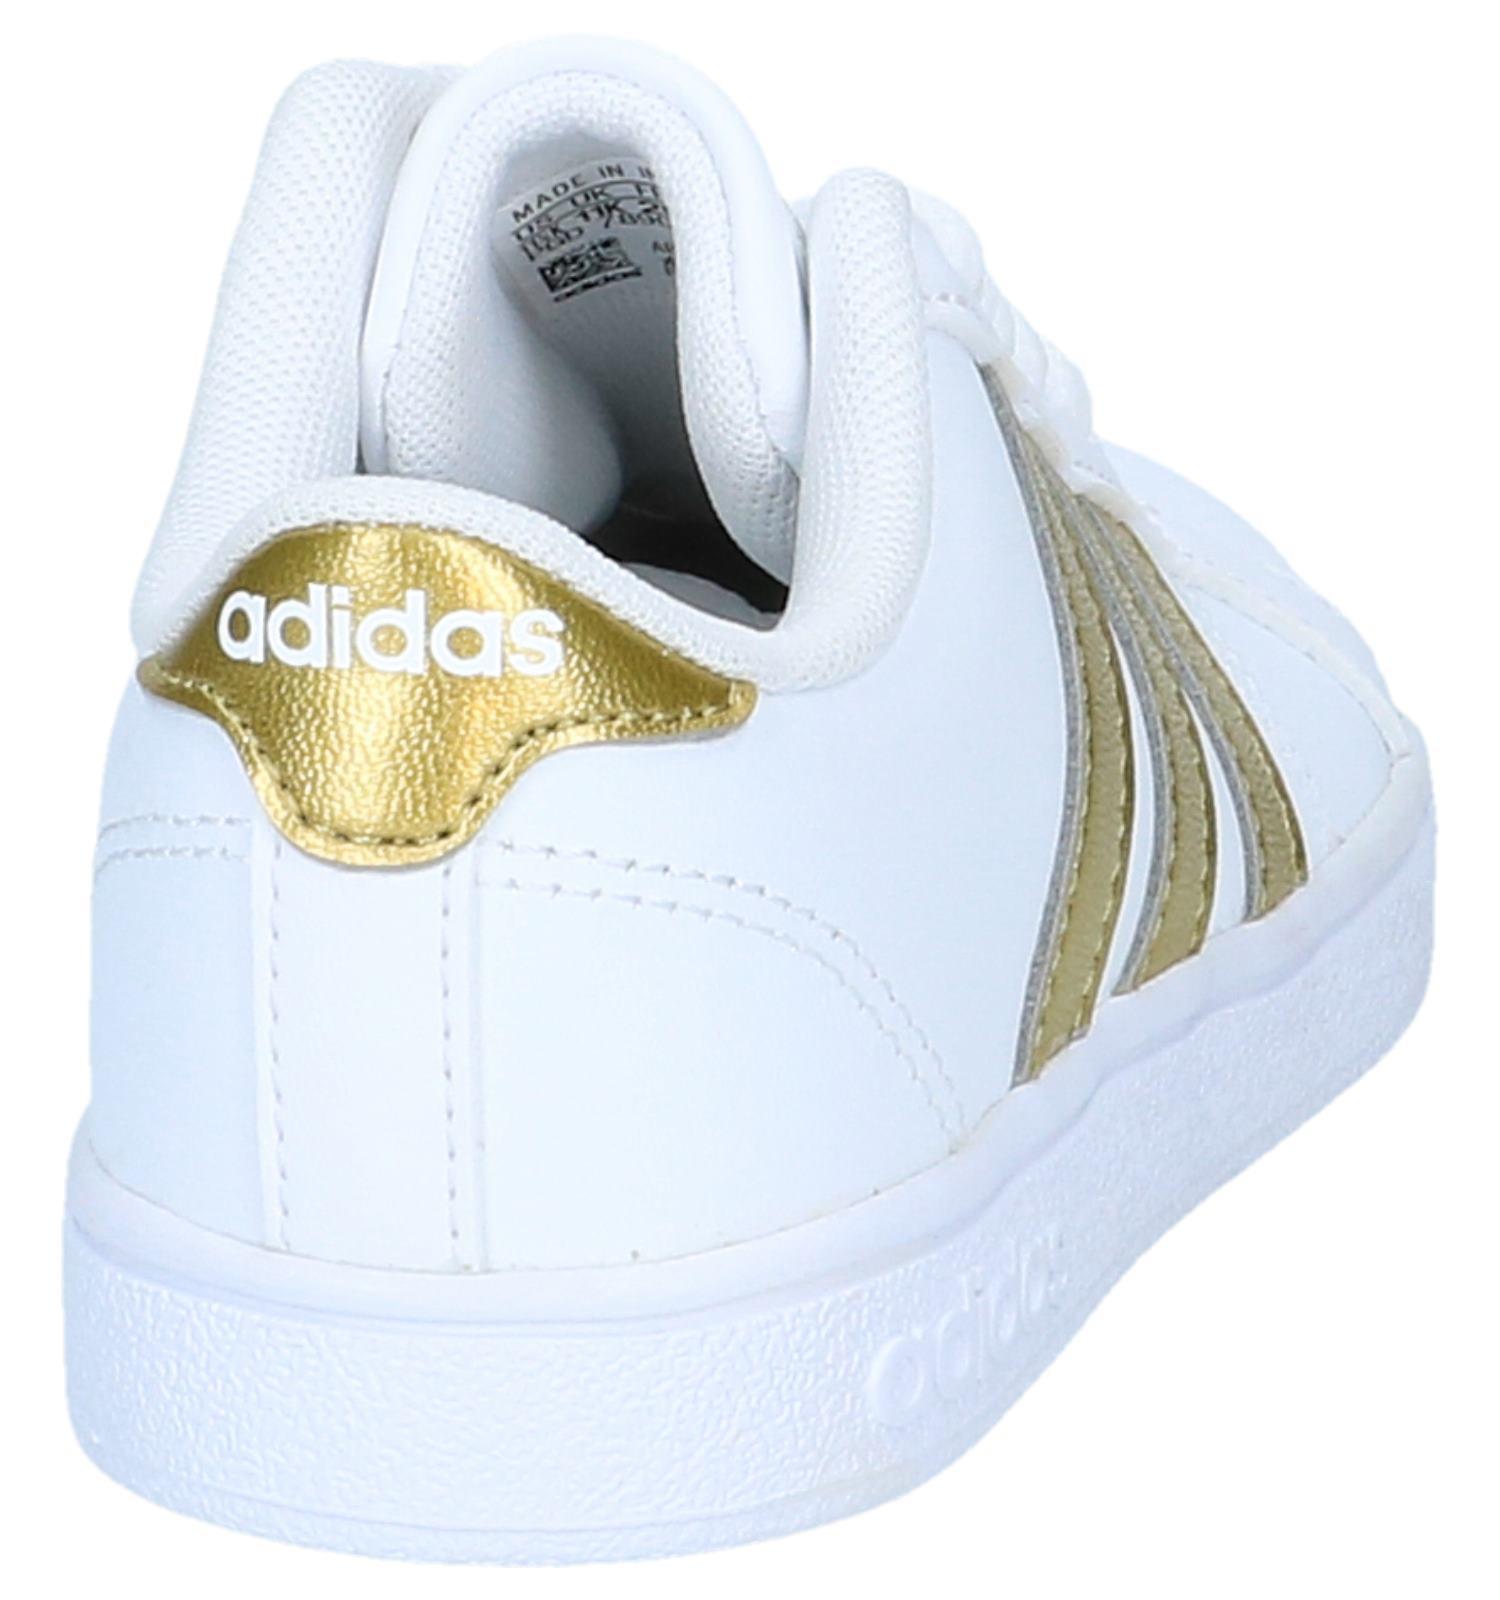 Adidas be En Lage Verzend Baseline KTorfs Witte Gratis Sneakers vNOnym80wP